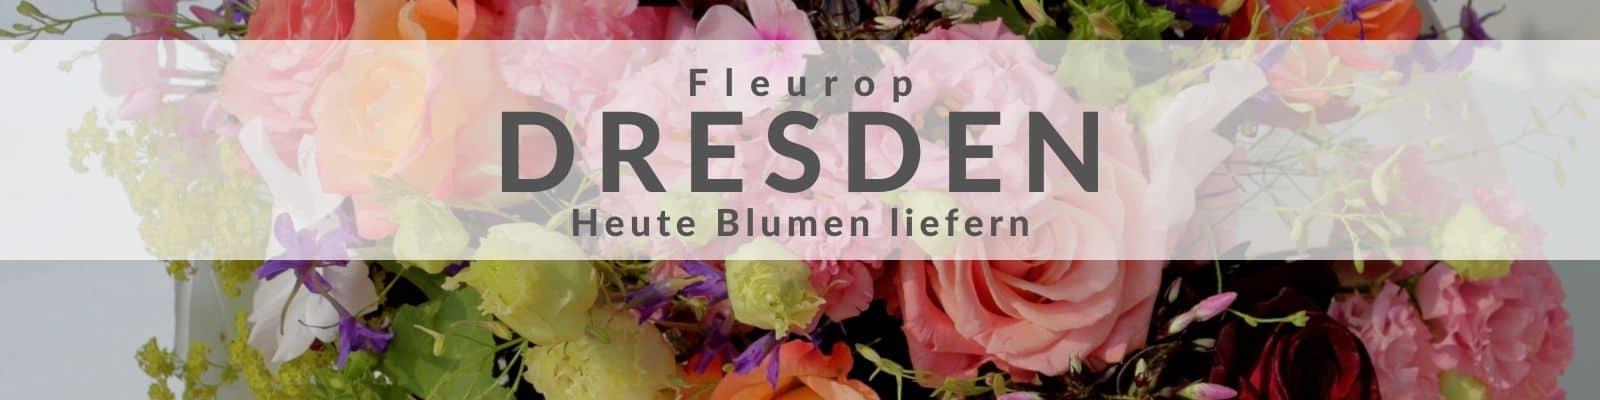 Fleurop Dresden